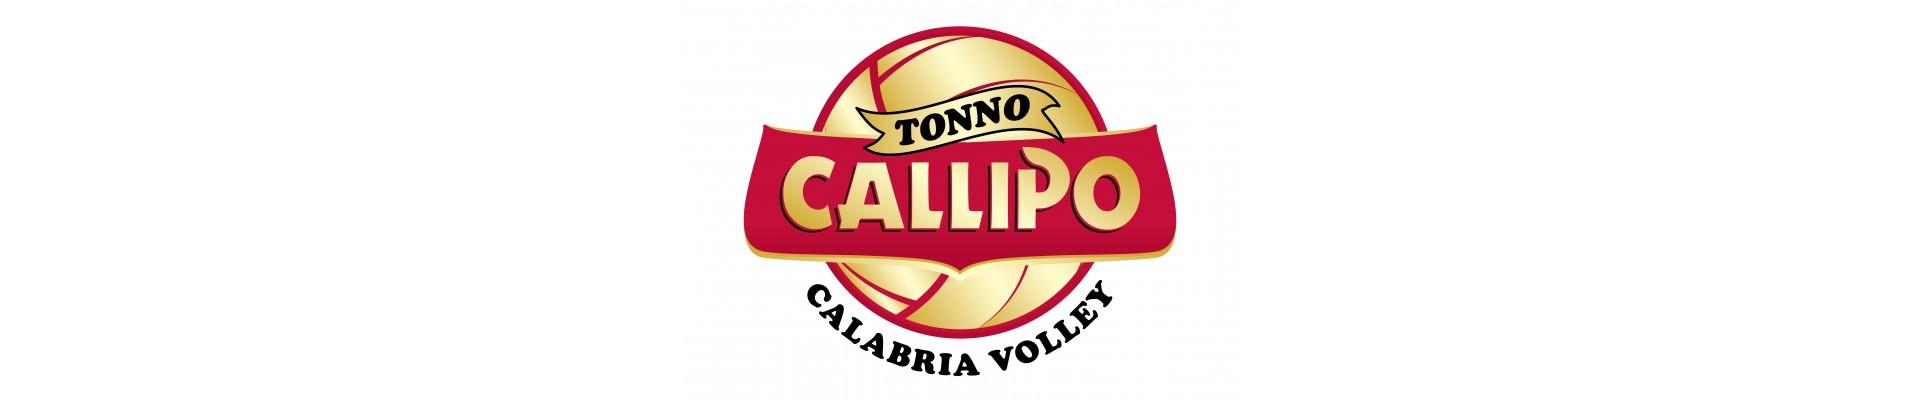 TONNO CALLIPO VOLLEY TONNO CALLIPO VOLLEY SUPERLEGA ITALIA MASCHILE